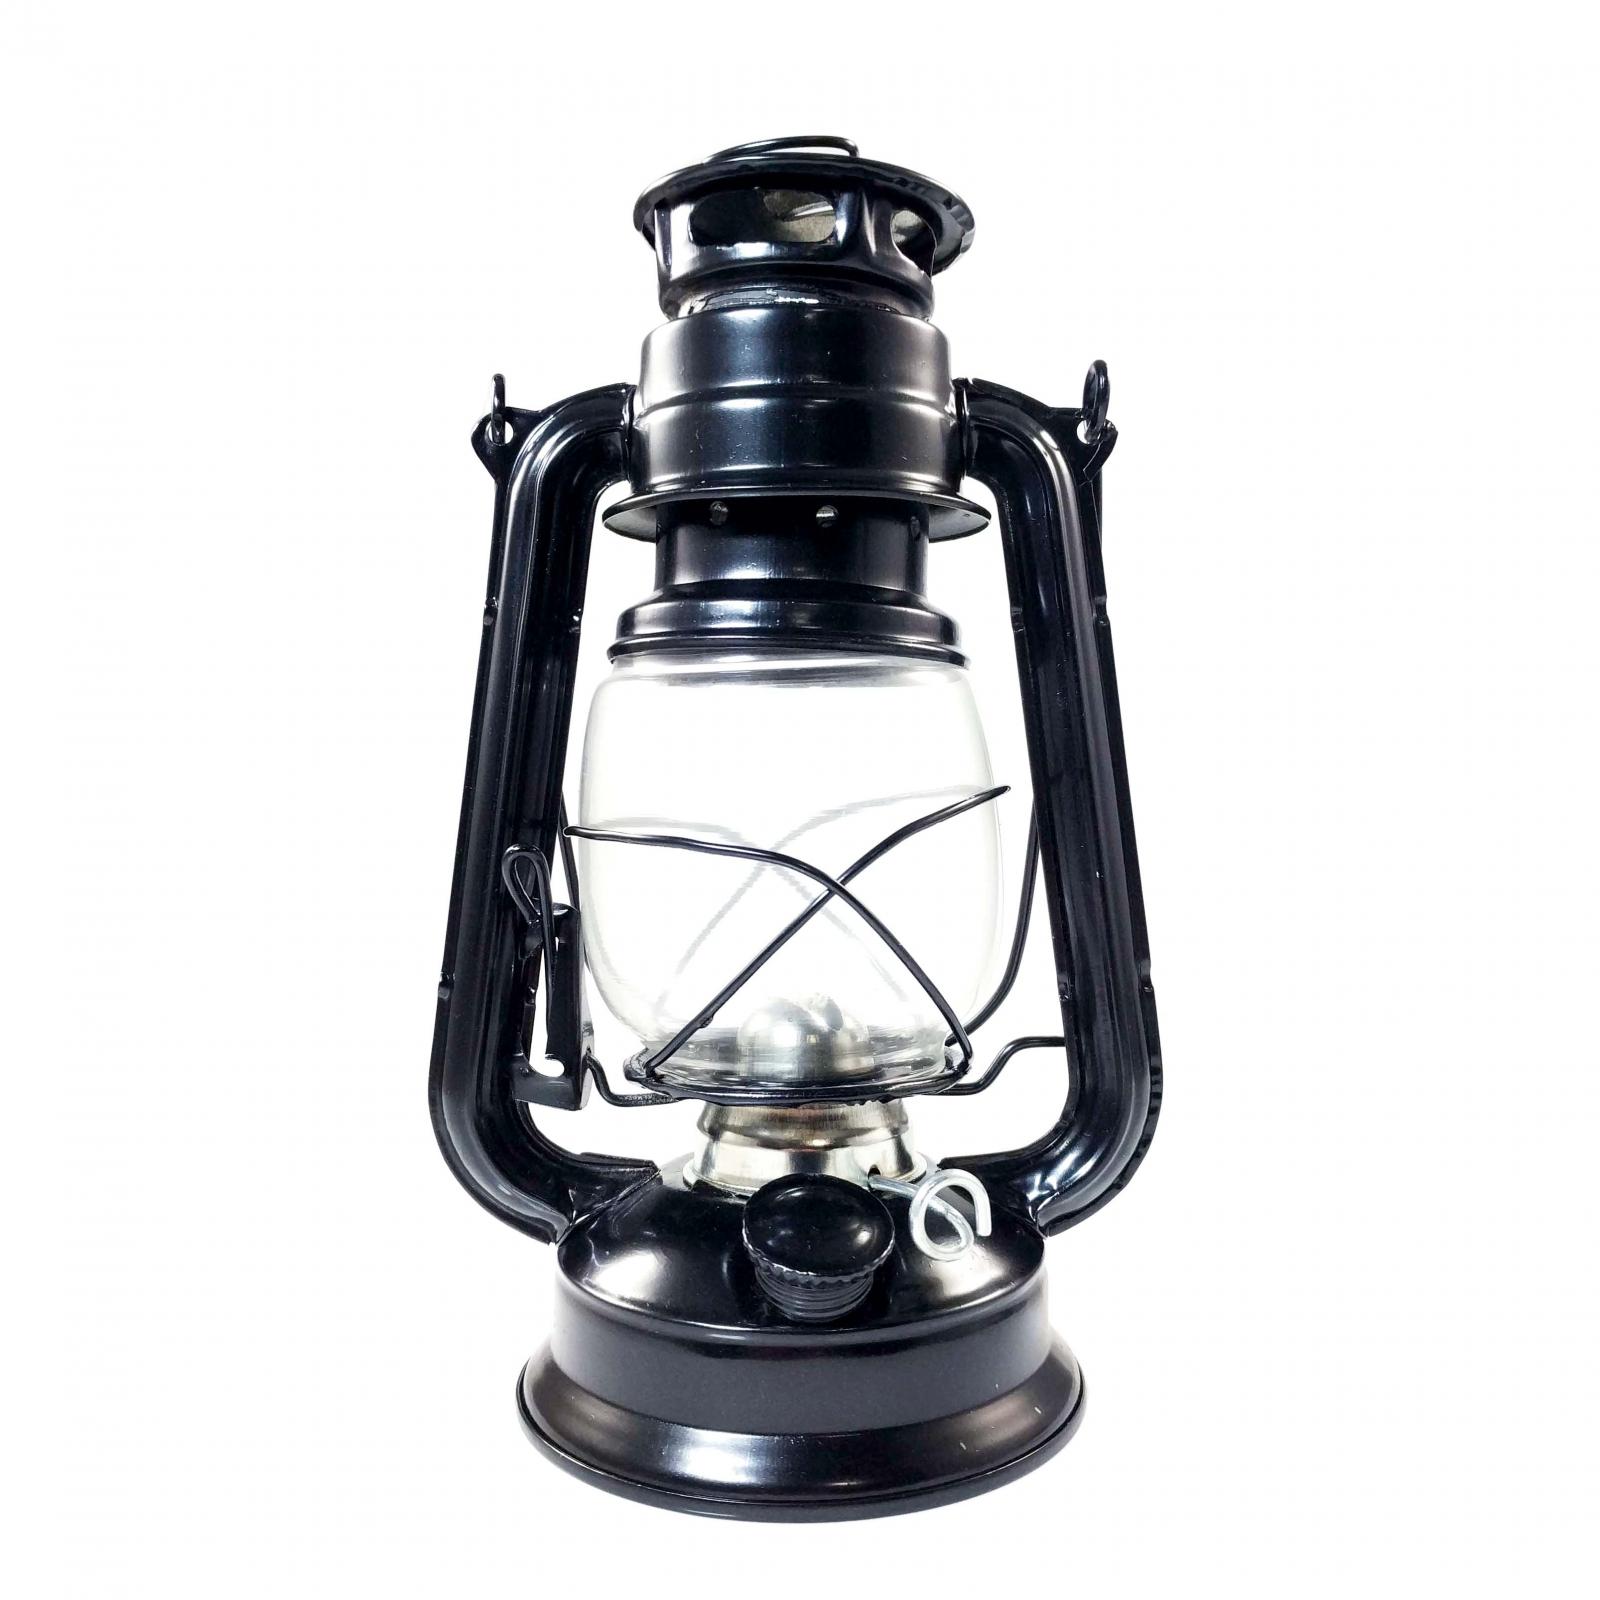 Vintage Hanging Hurricane Camping Kerosene Oil Lantern Black